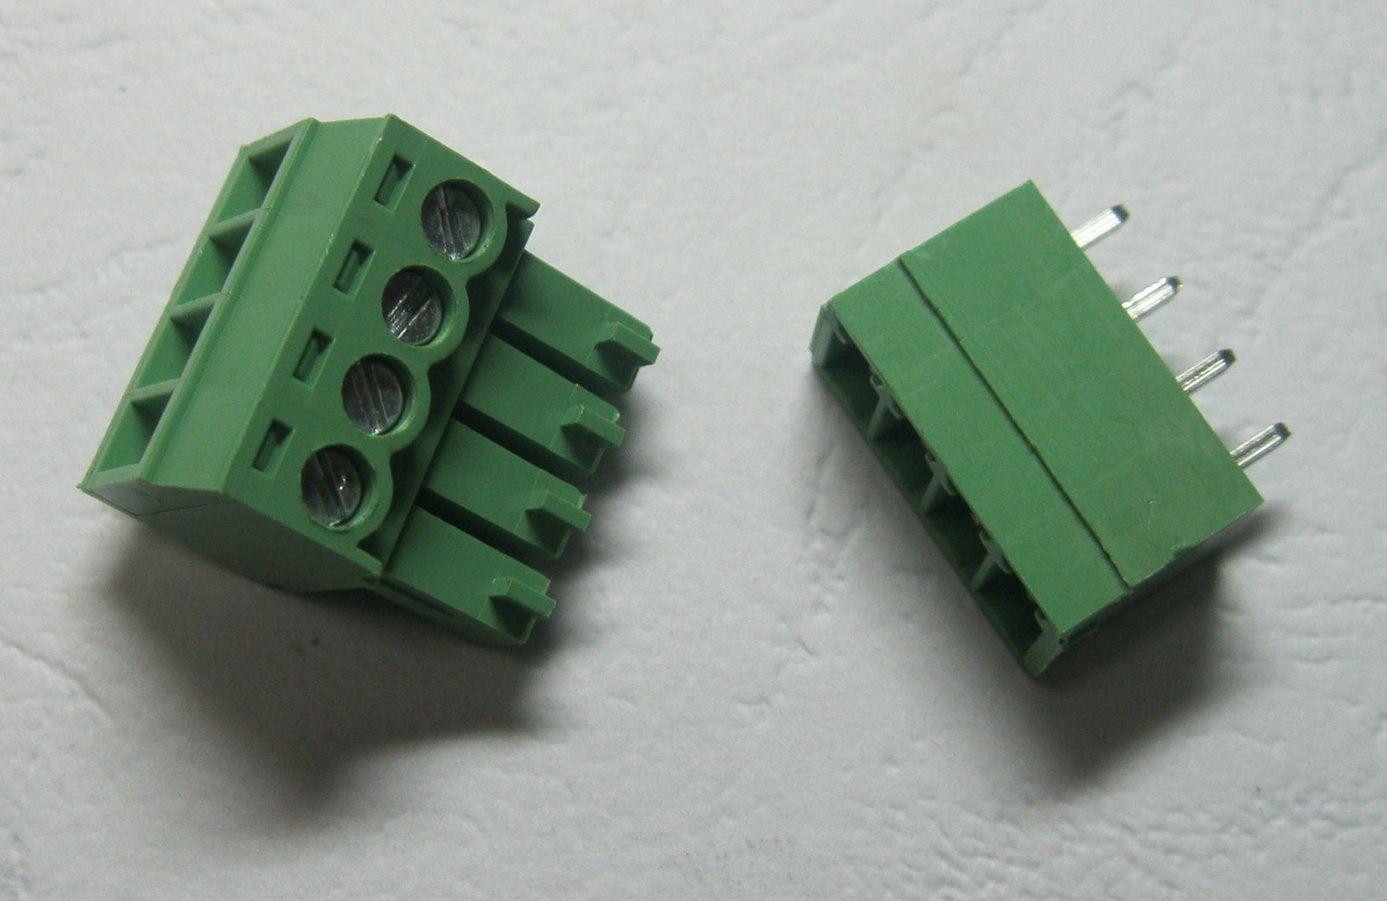 Vert 4Pin 3.5mm Connecteur à bornier à vis Type Pluggable De Haute Qualité CHAUD Vente